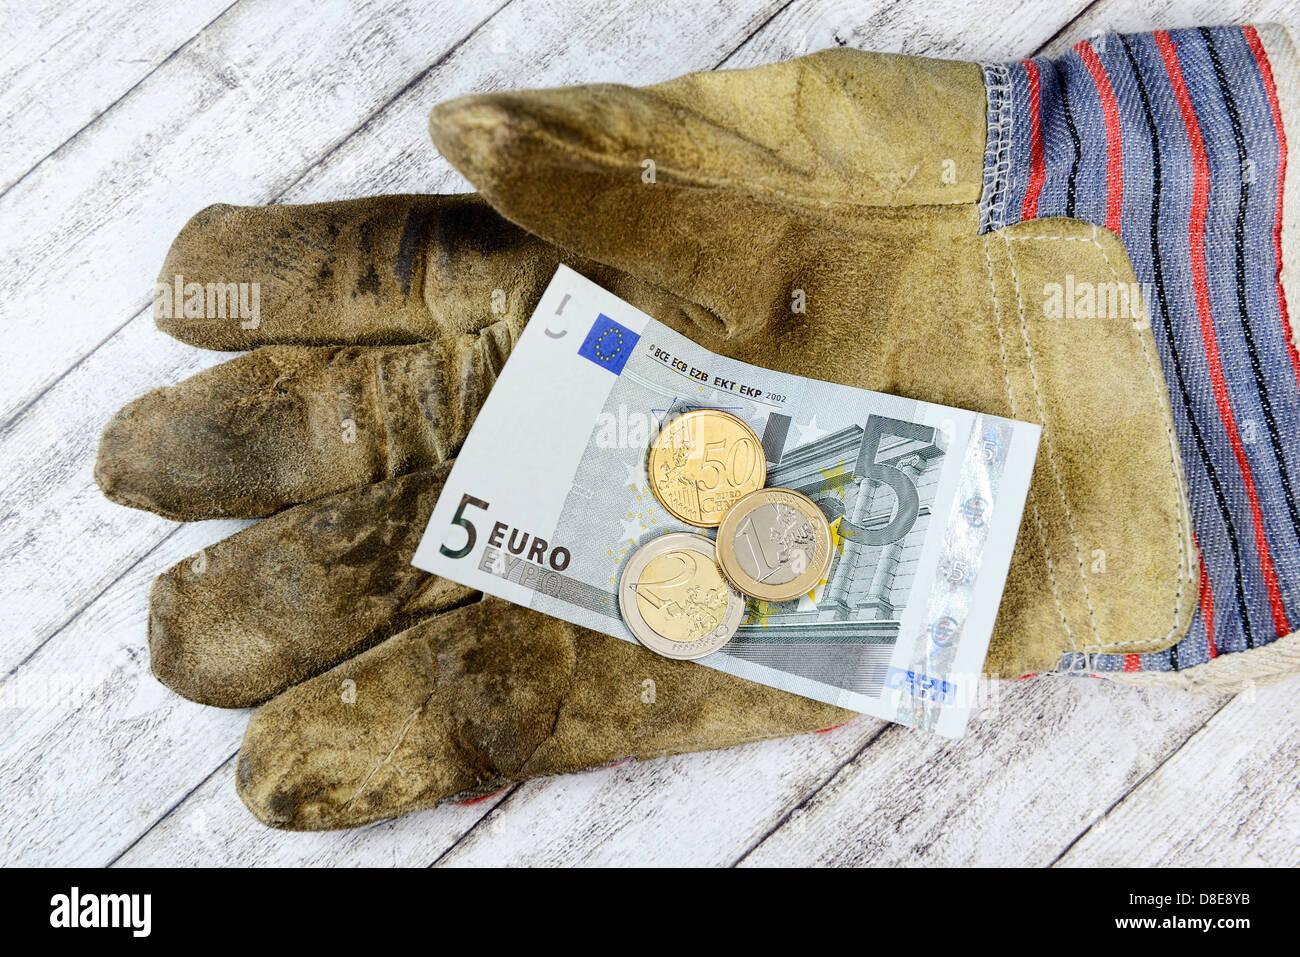 Guanti di lavoro con 8.50 euro salario minimo Immagini Stock